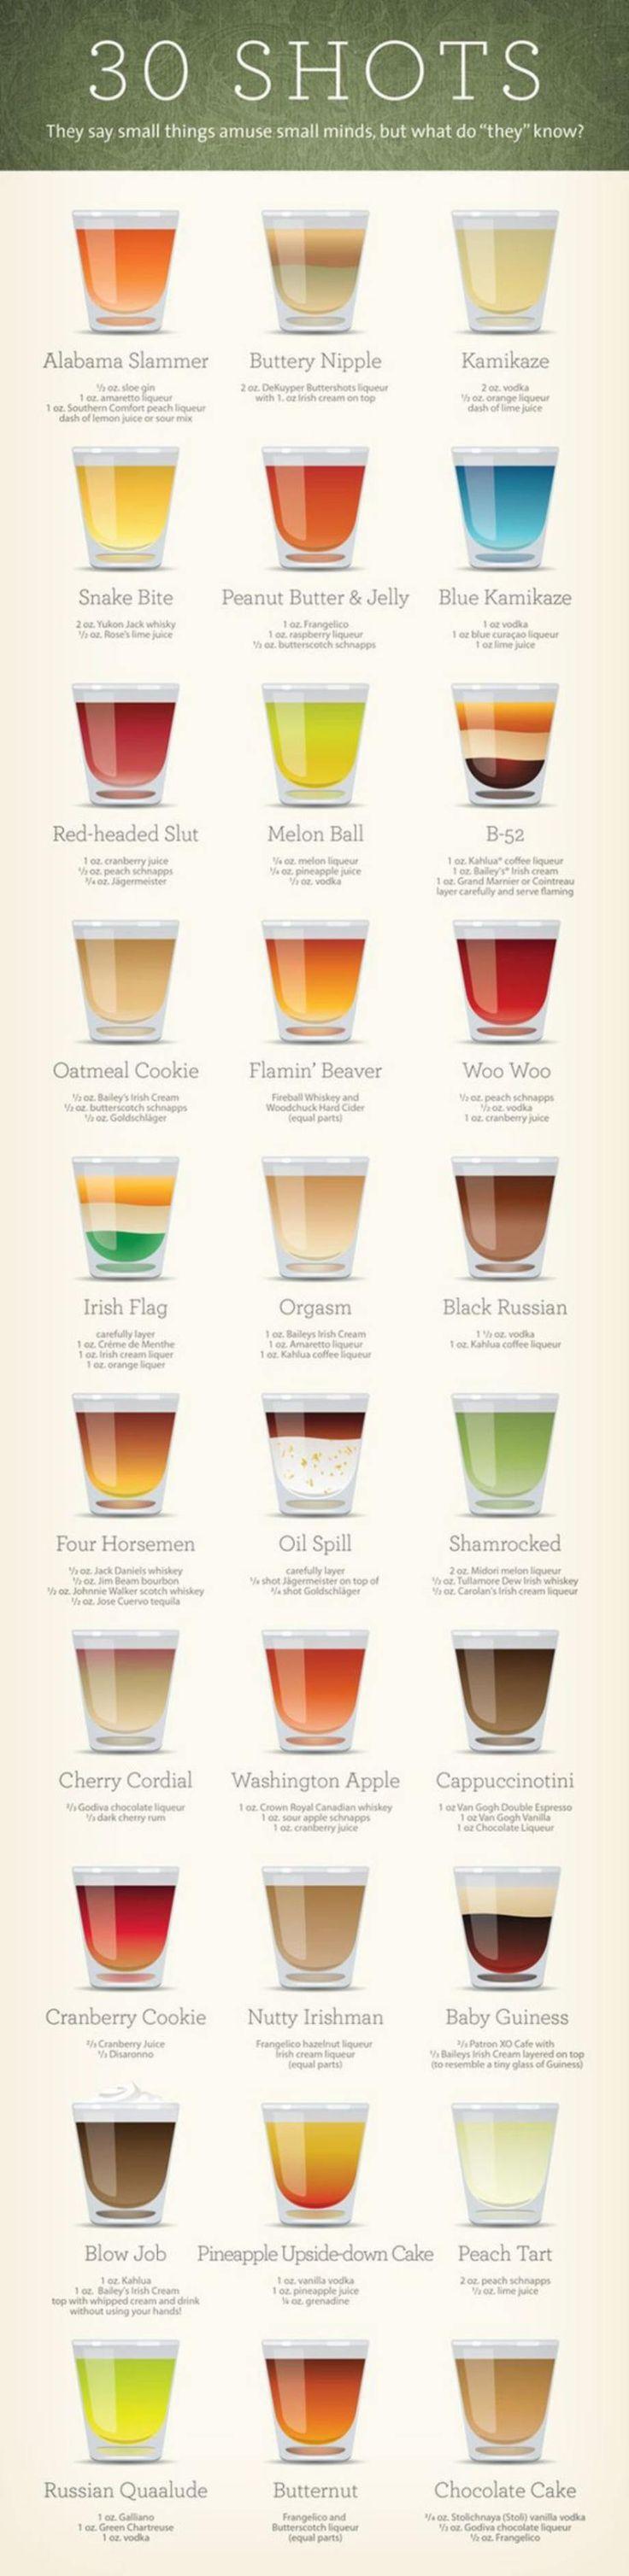 30 shot recipes